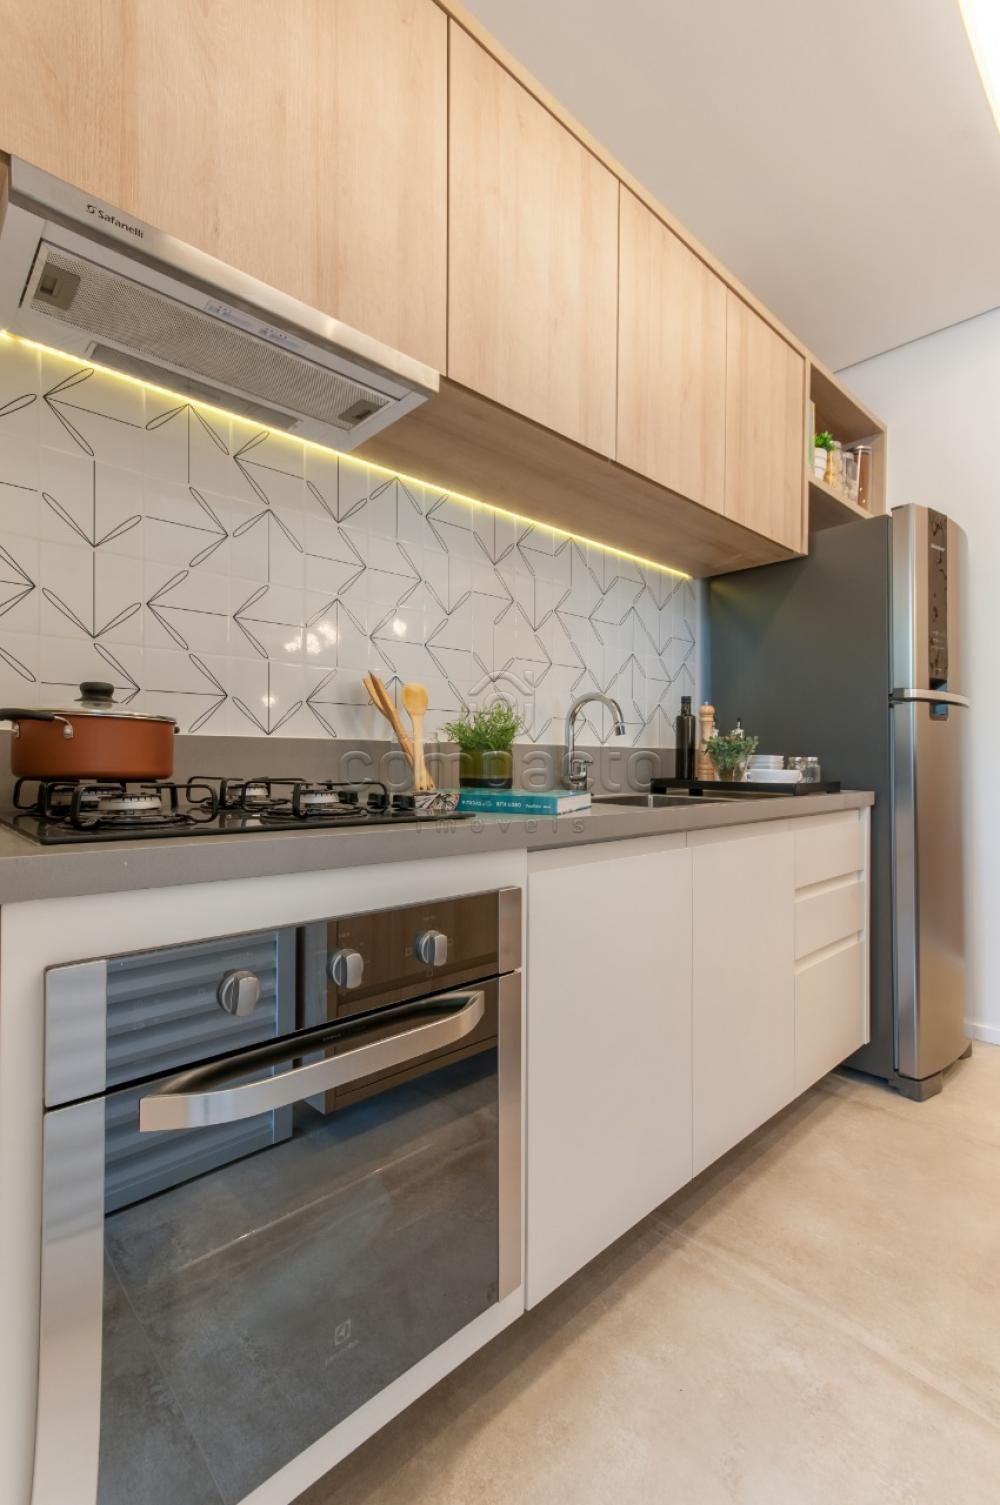 Comprar Apartamento / Padrão em São José do Rio Preto apenas R$ 230.000,00 - Foto 10